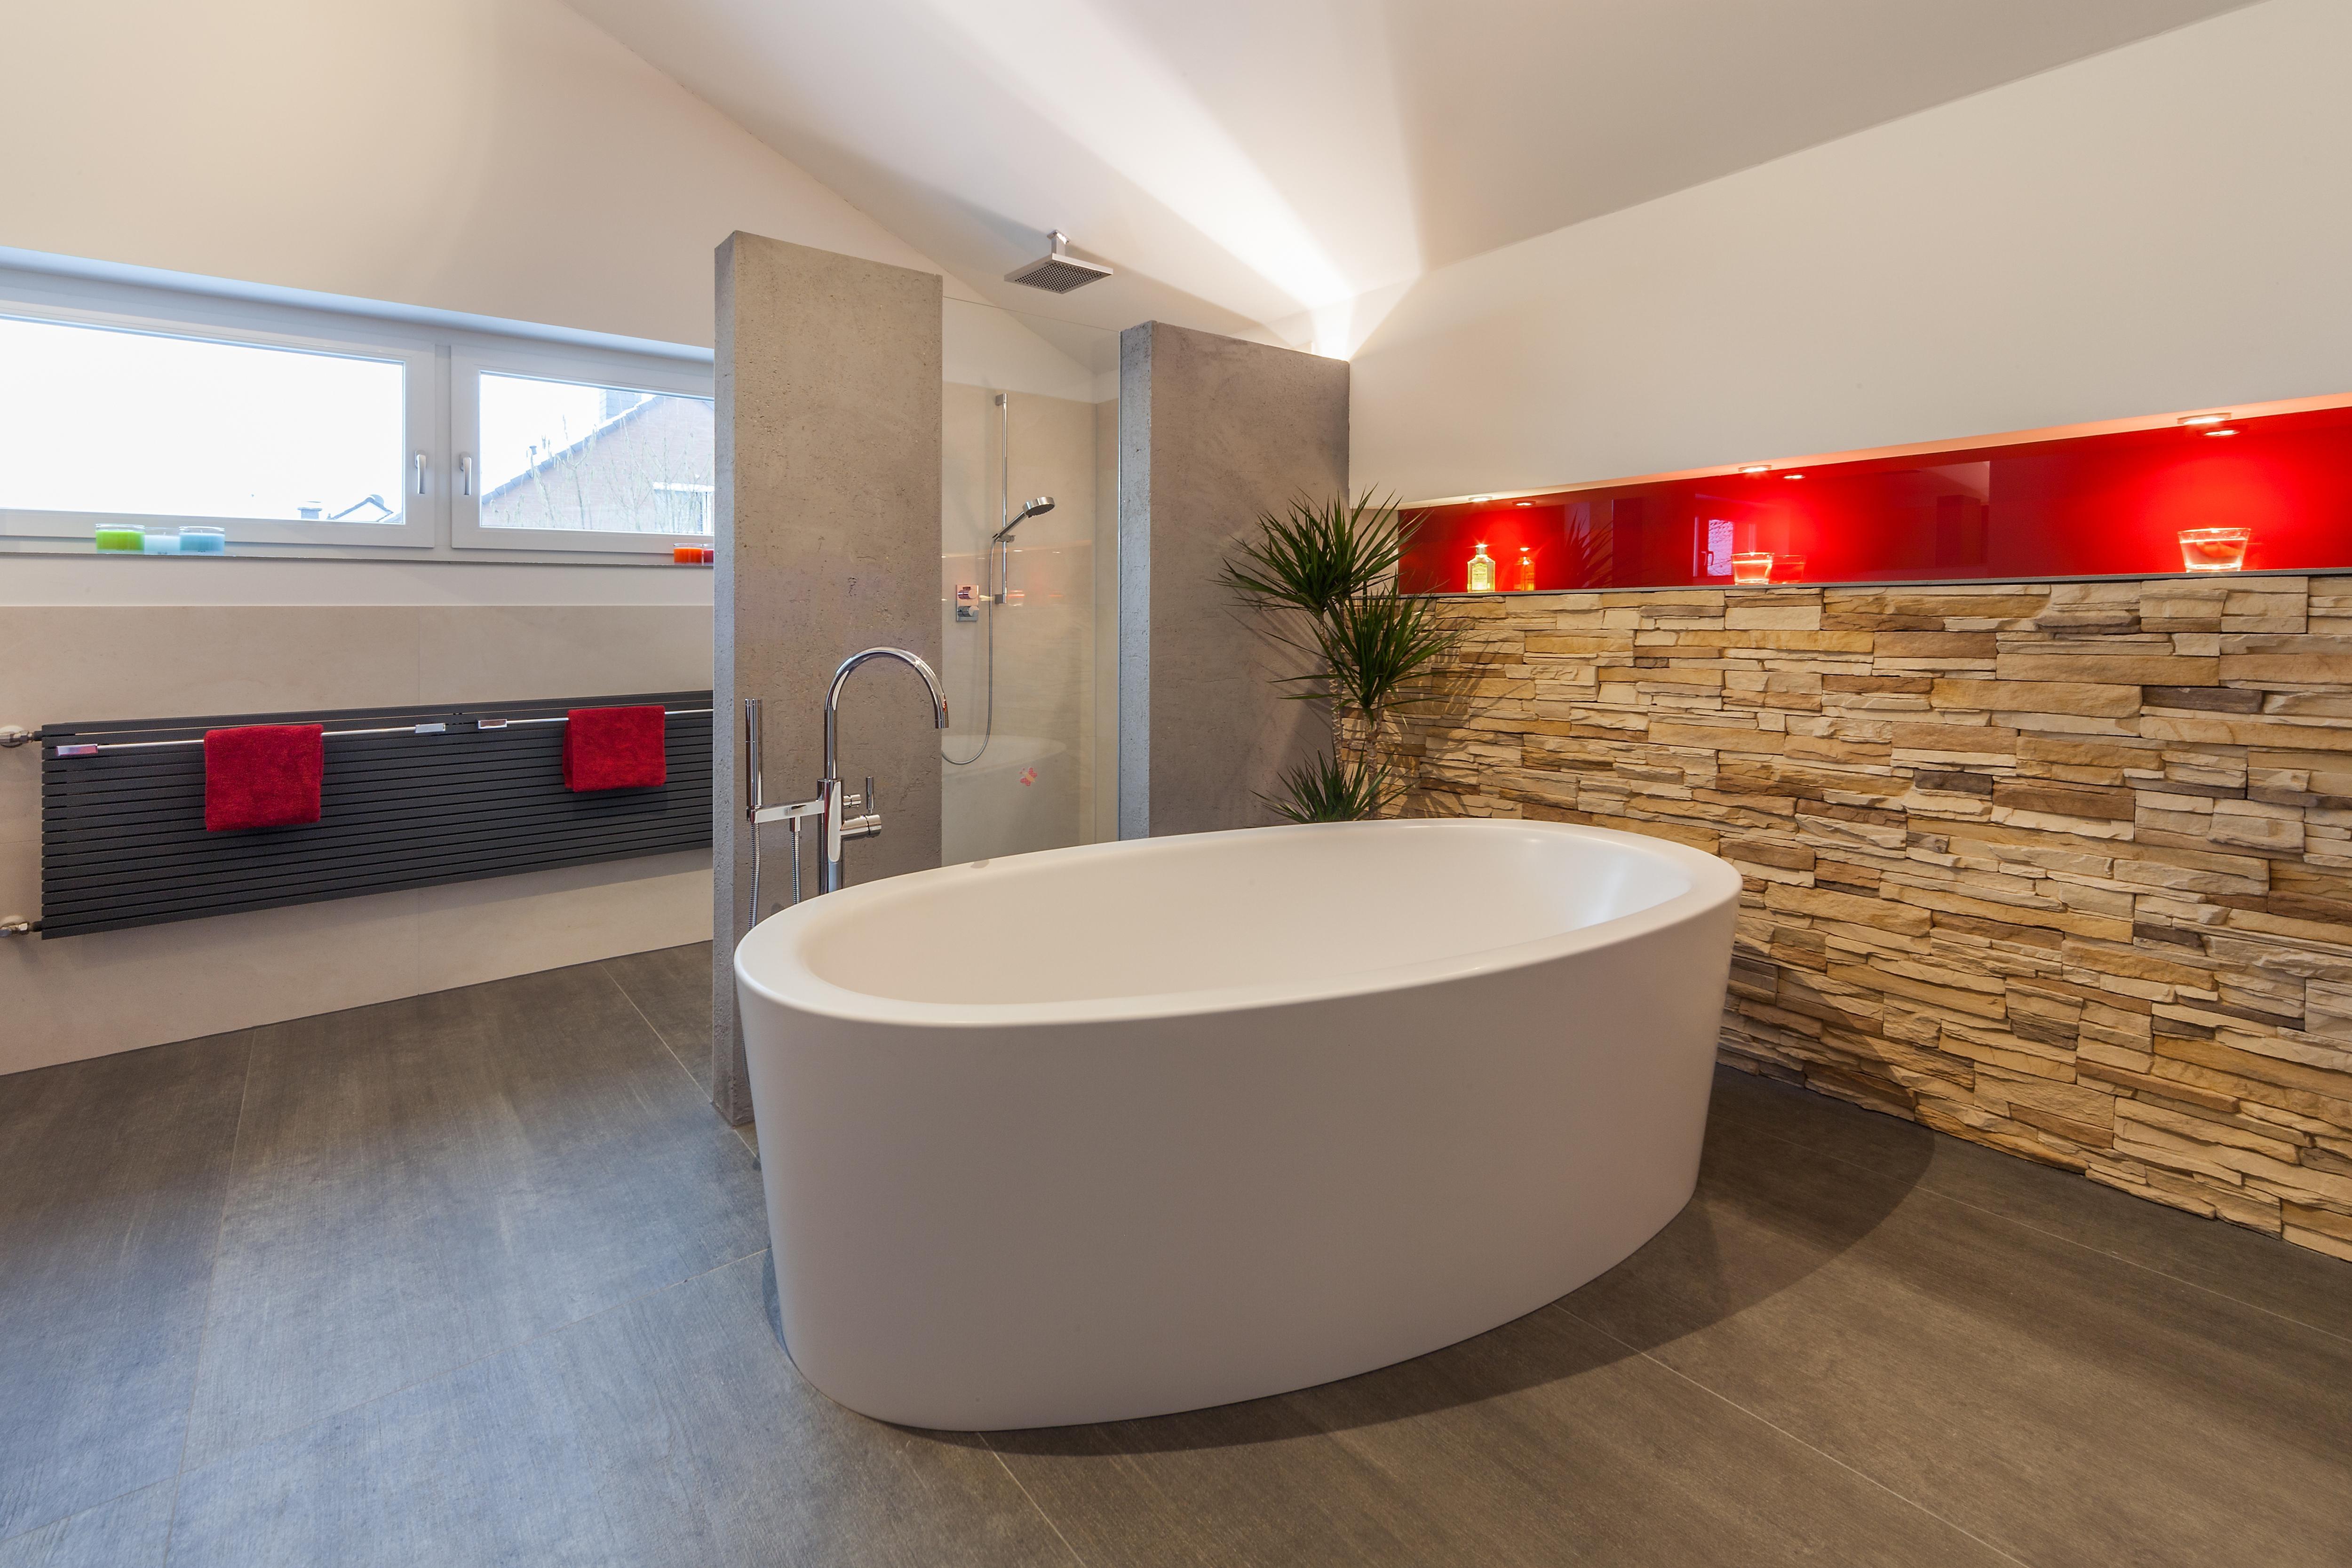 #bestebadstudios #badezimmer #bad #badewanne #dusche #badezimmerschräge # Dachschräge #badrenovierung